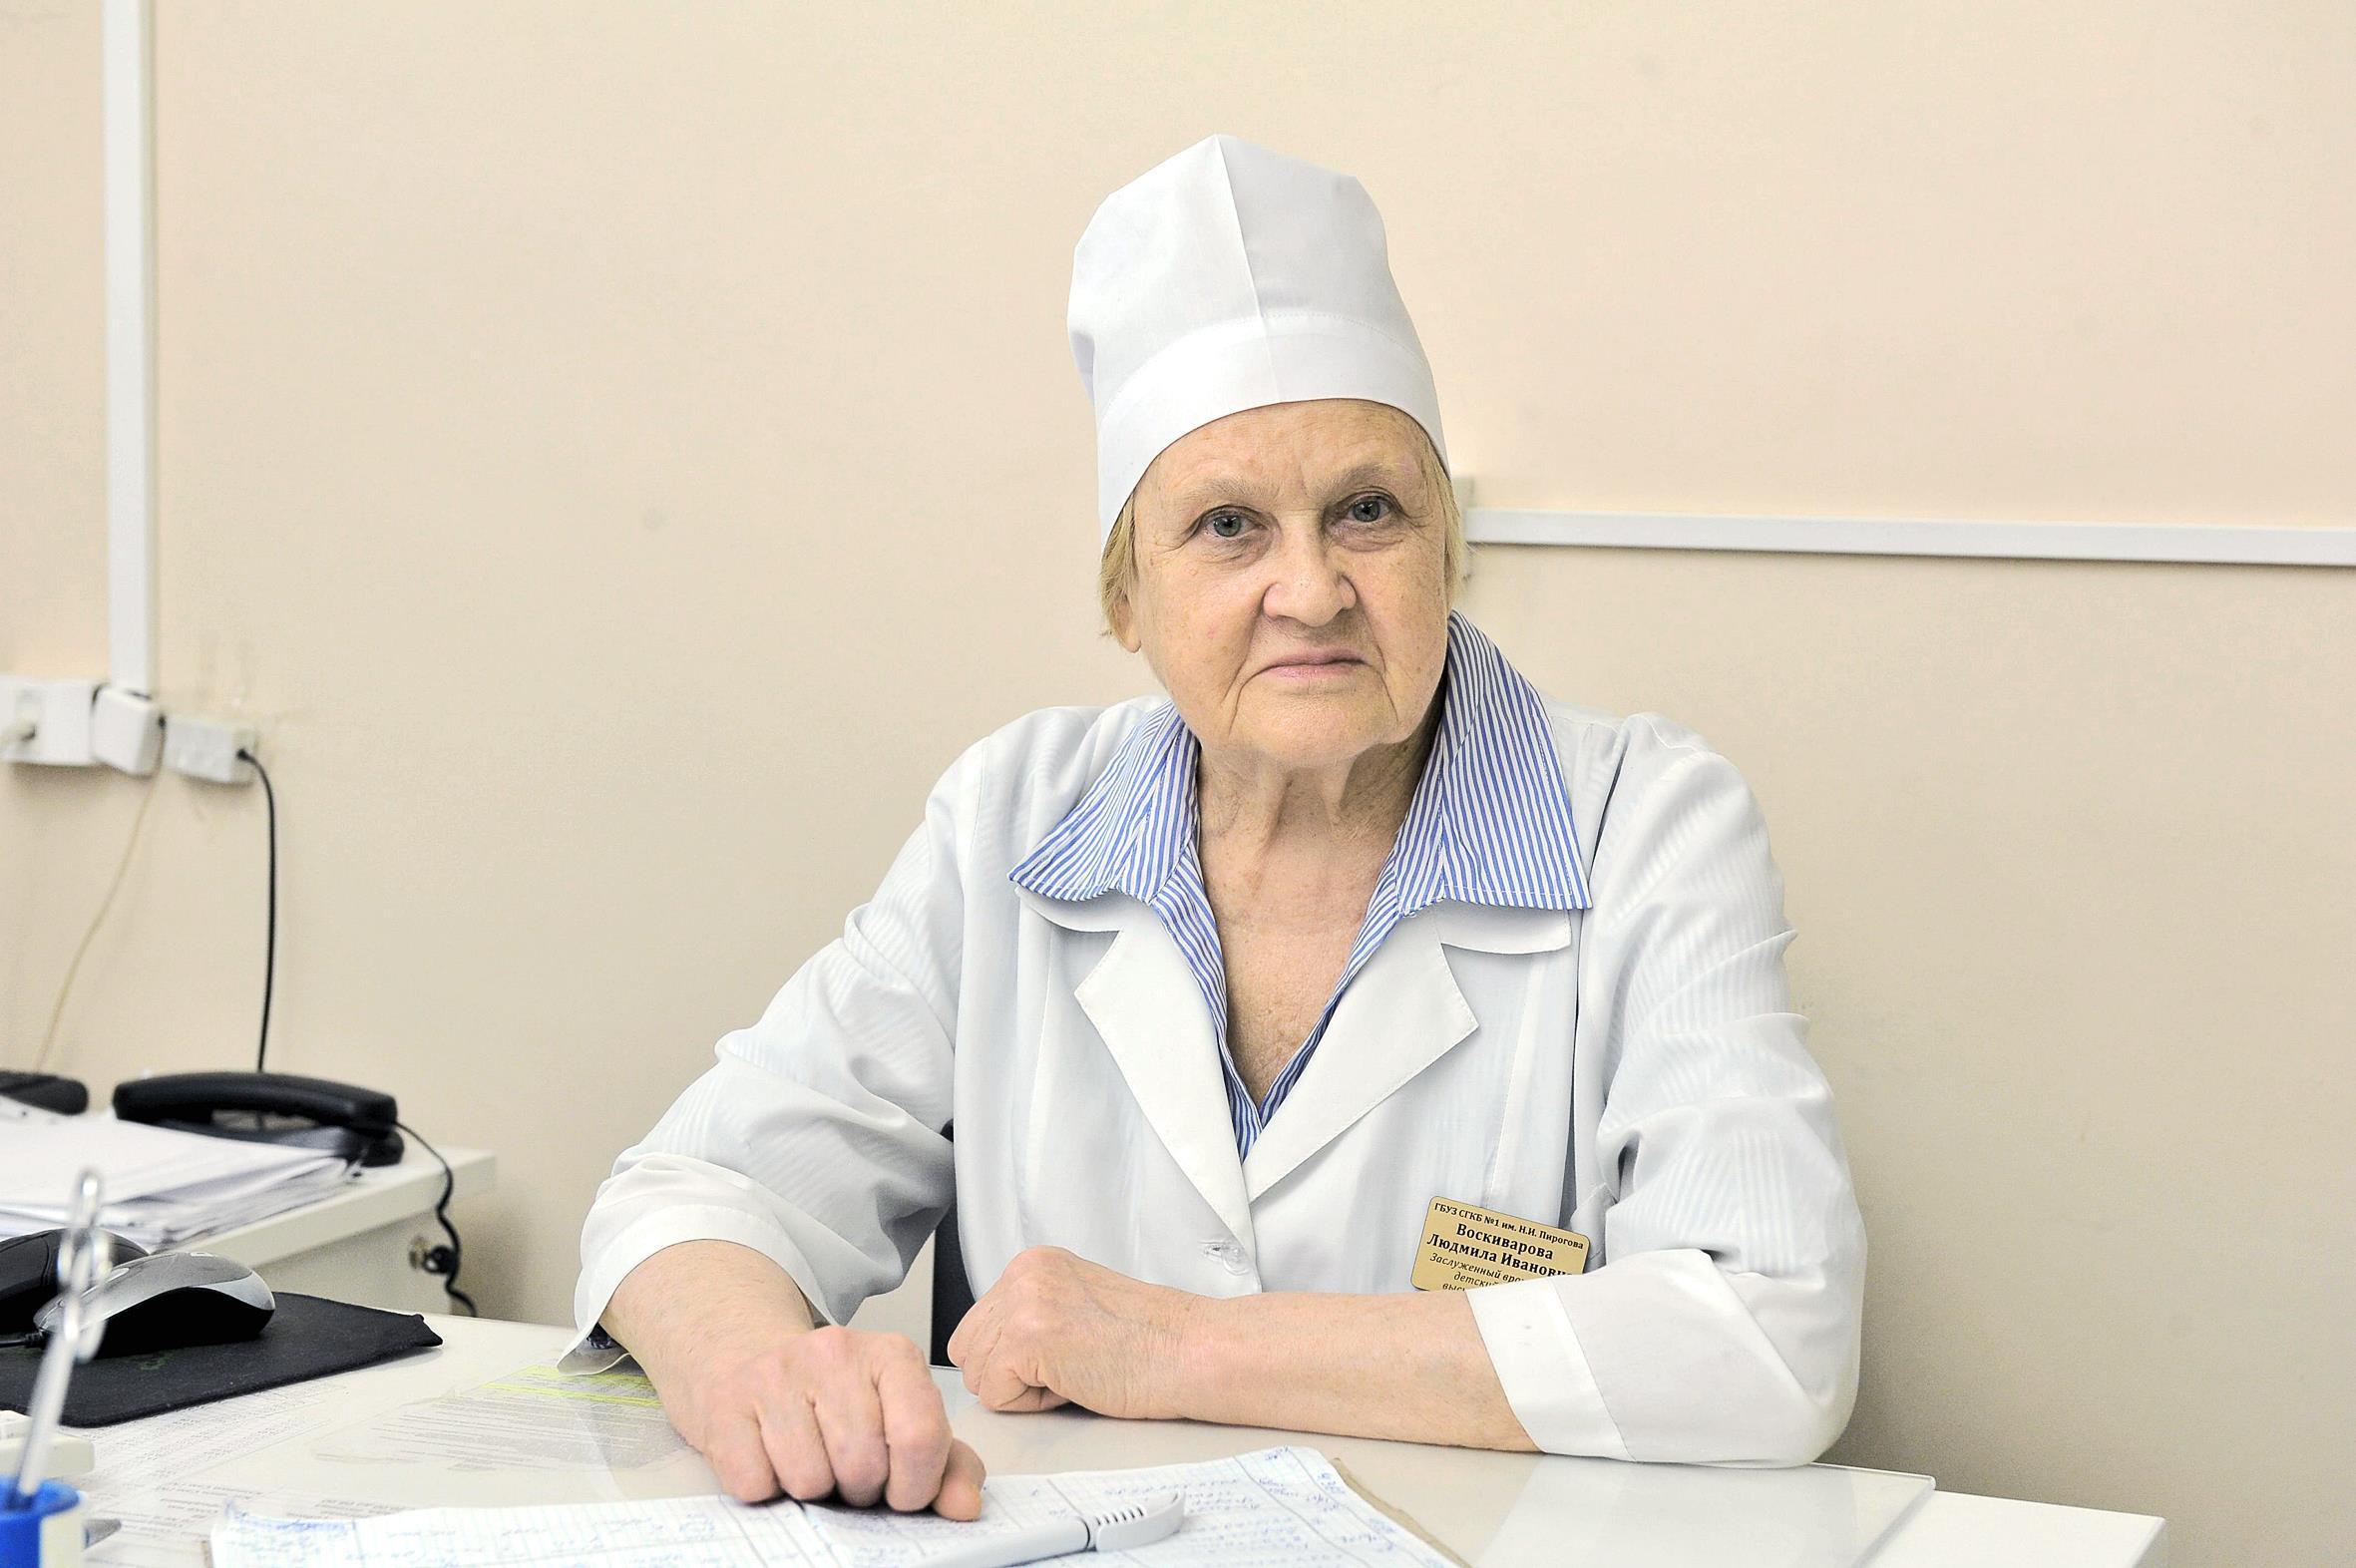 Доктор пожилая женщина